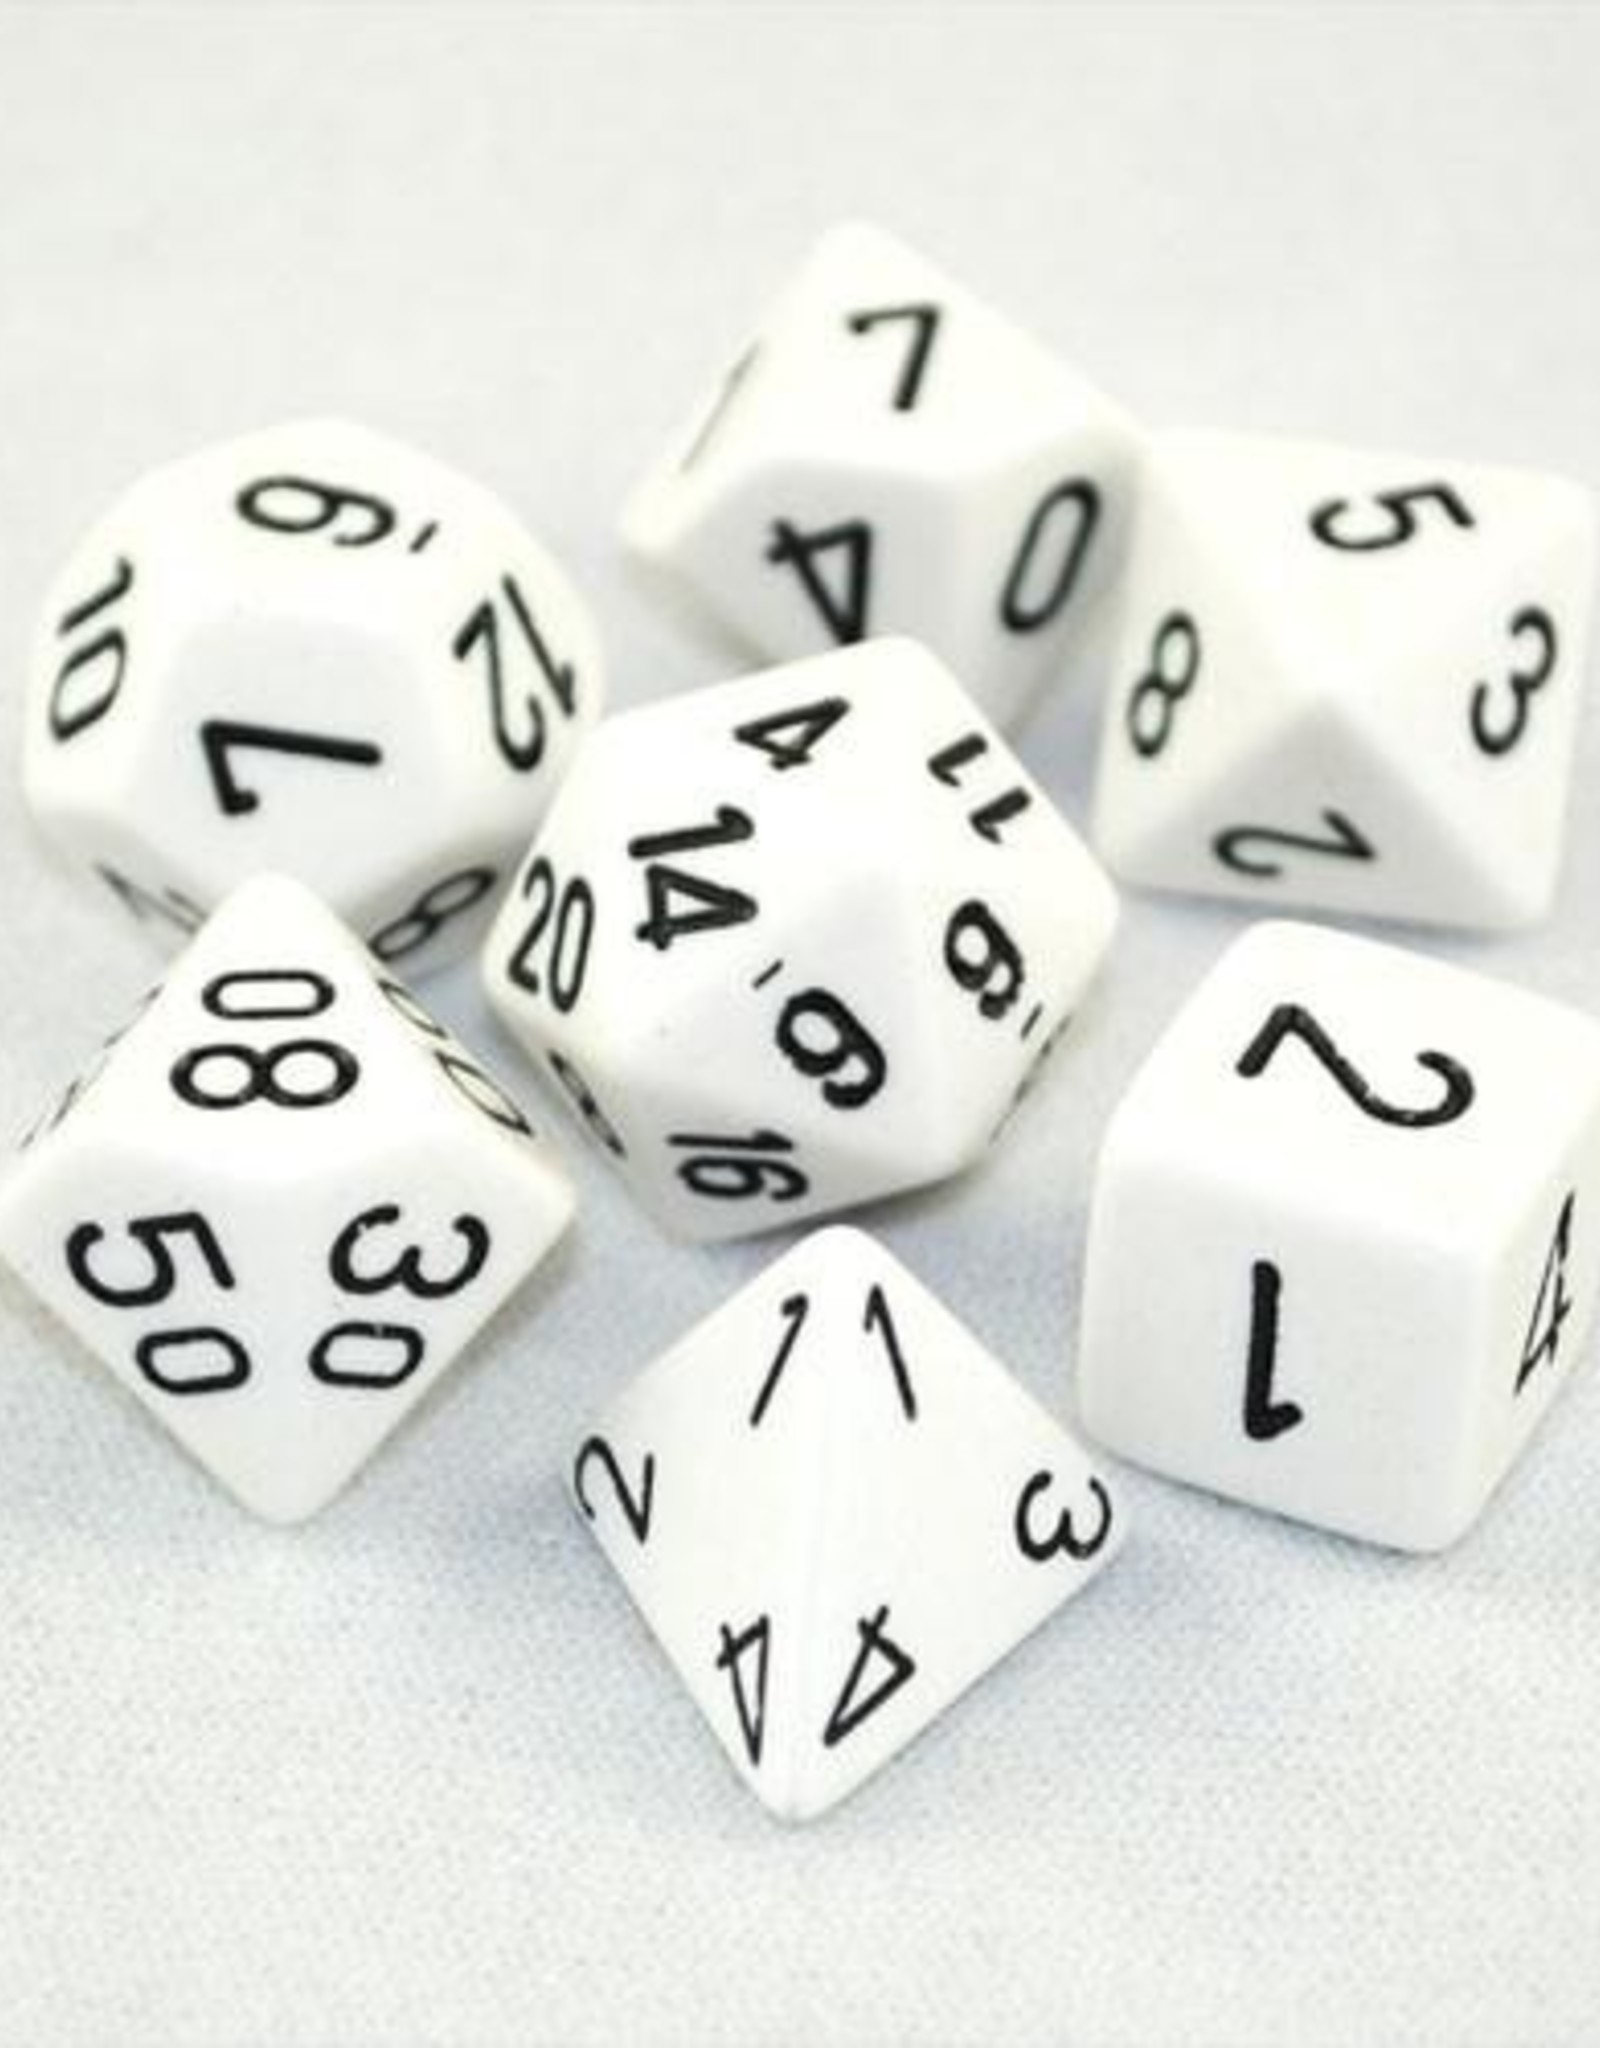 Chessex Chessex 7-Die set Opaque - White/Black